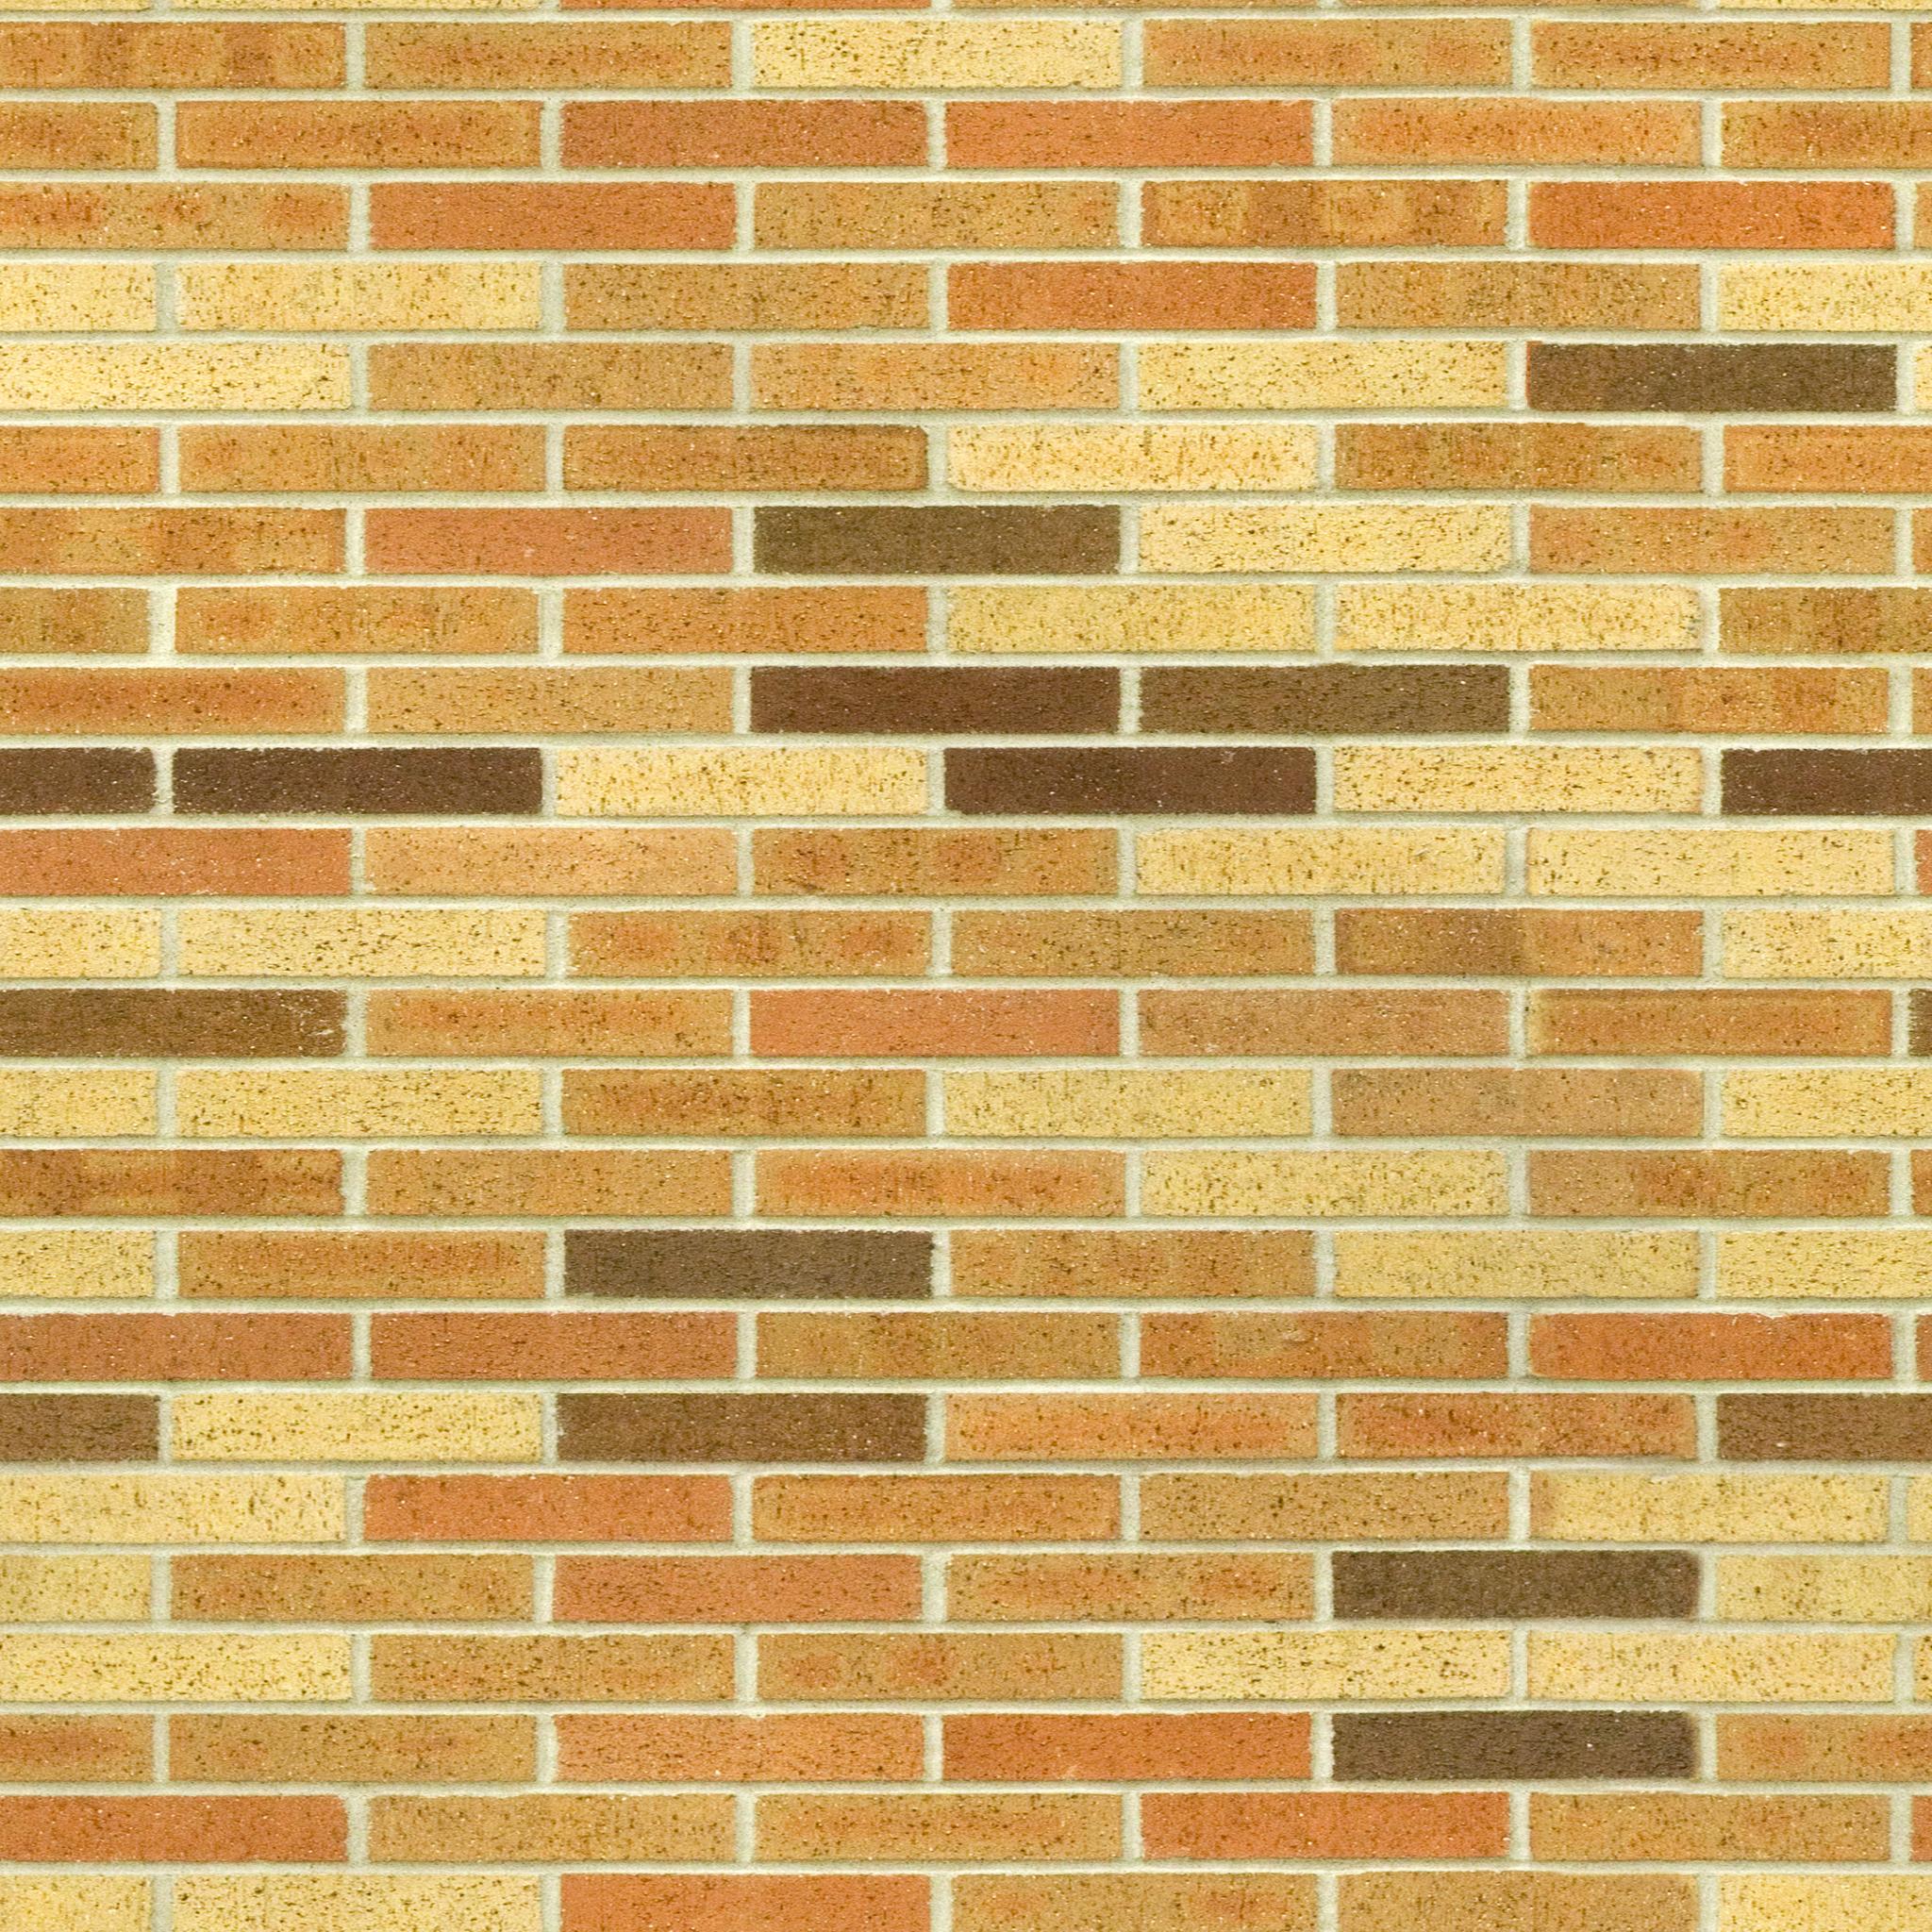 Sunny Yellow Brick.jpg